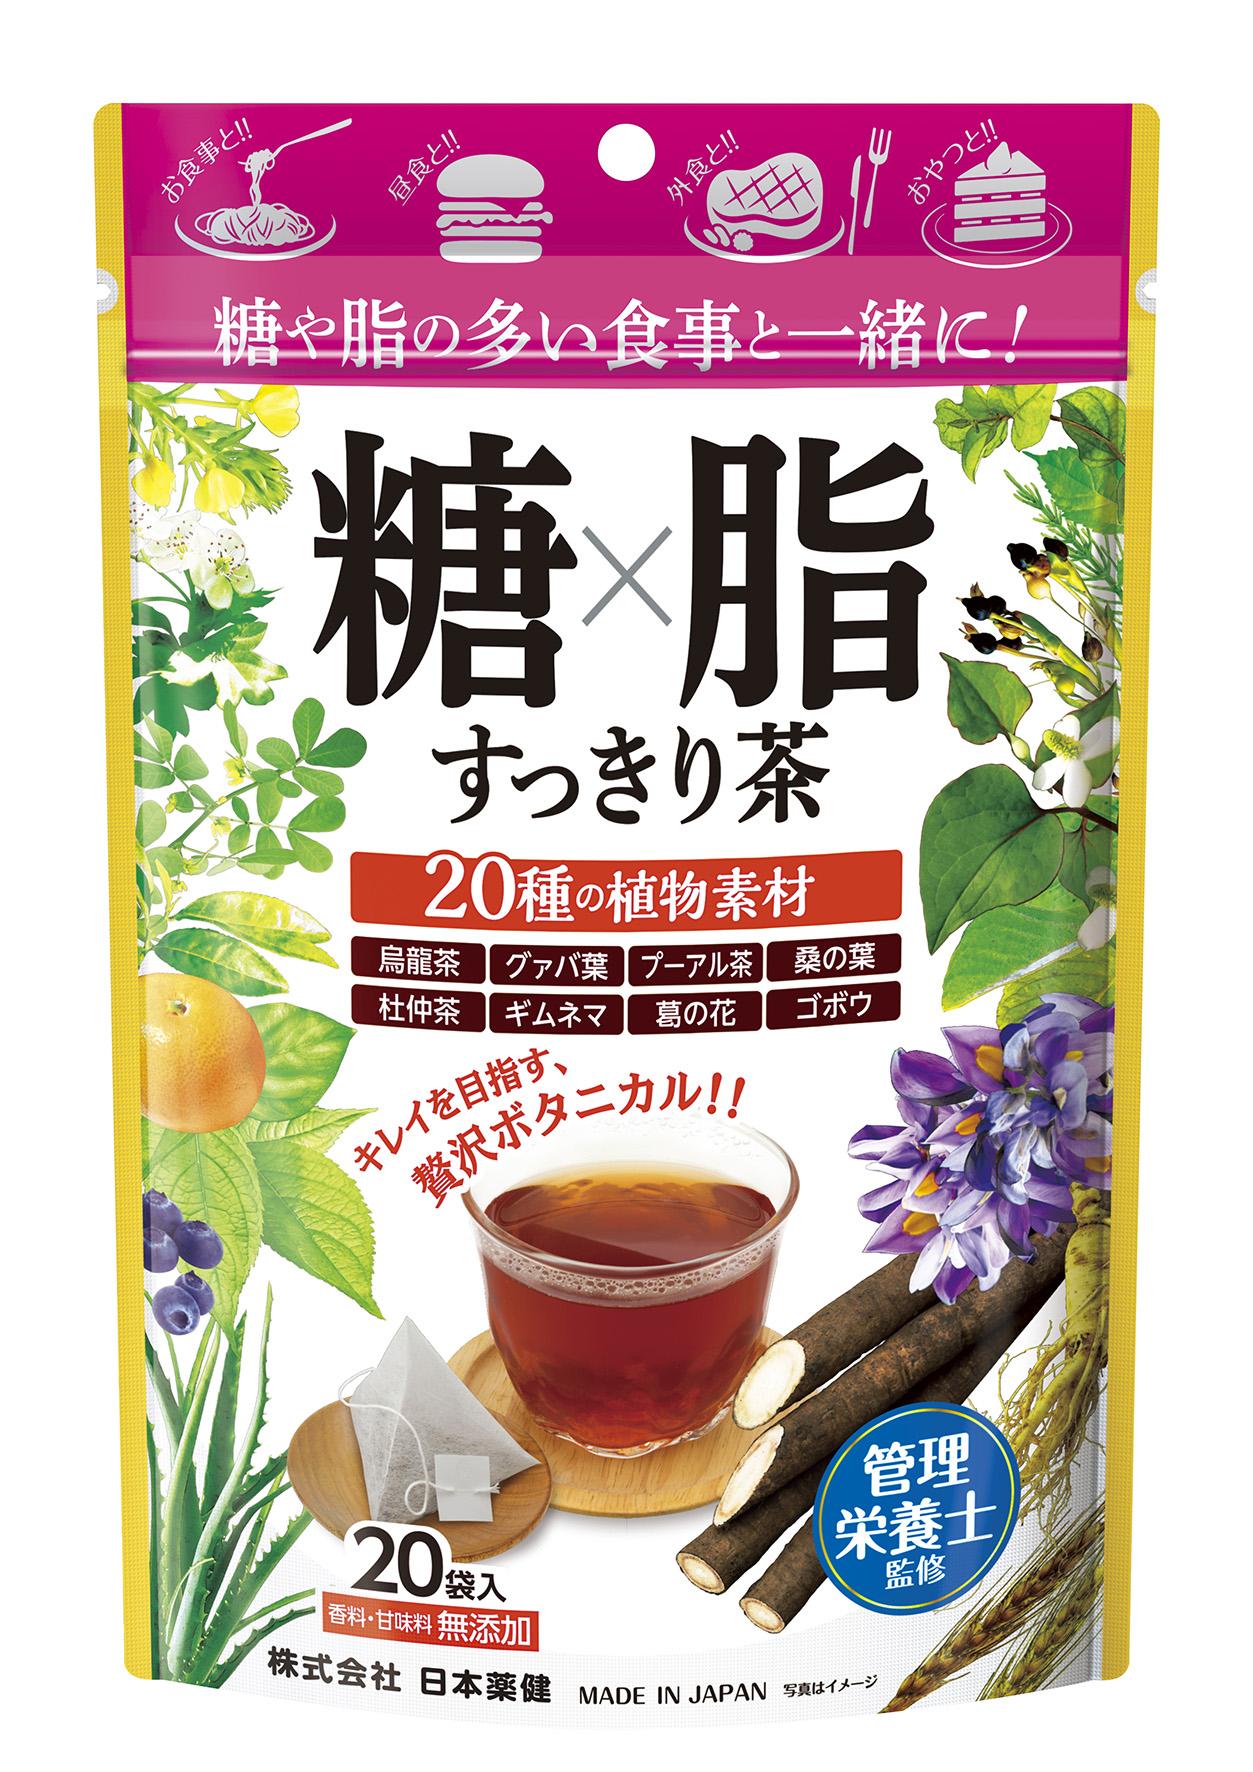 日本薬健から初の「ブレンドティー」発売。ダイエット・健康にうれしい植物素材20種を配合。「糖×脂 ...